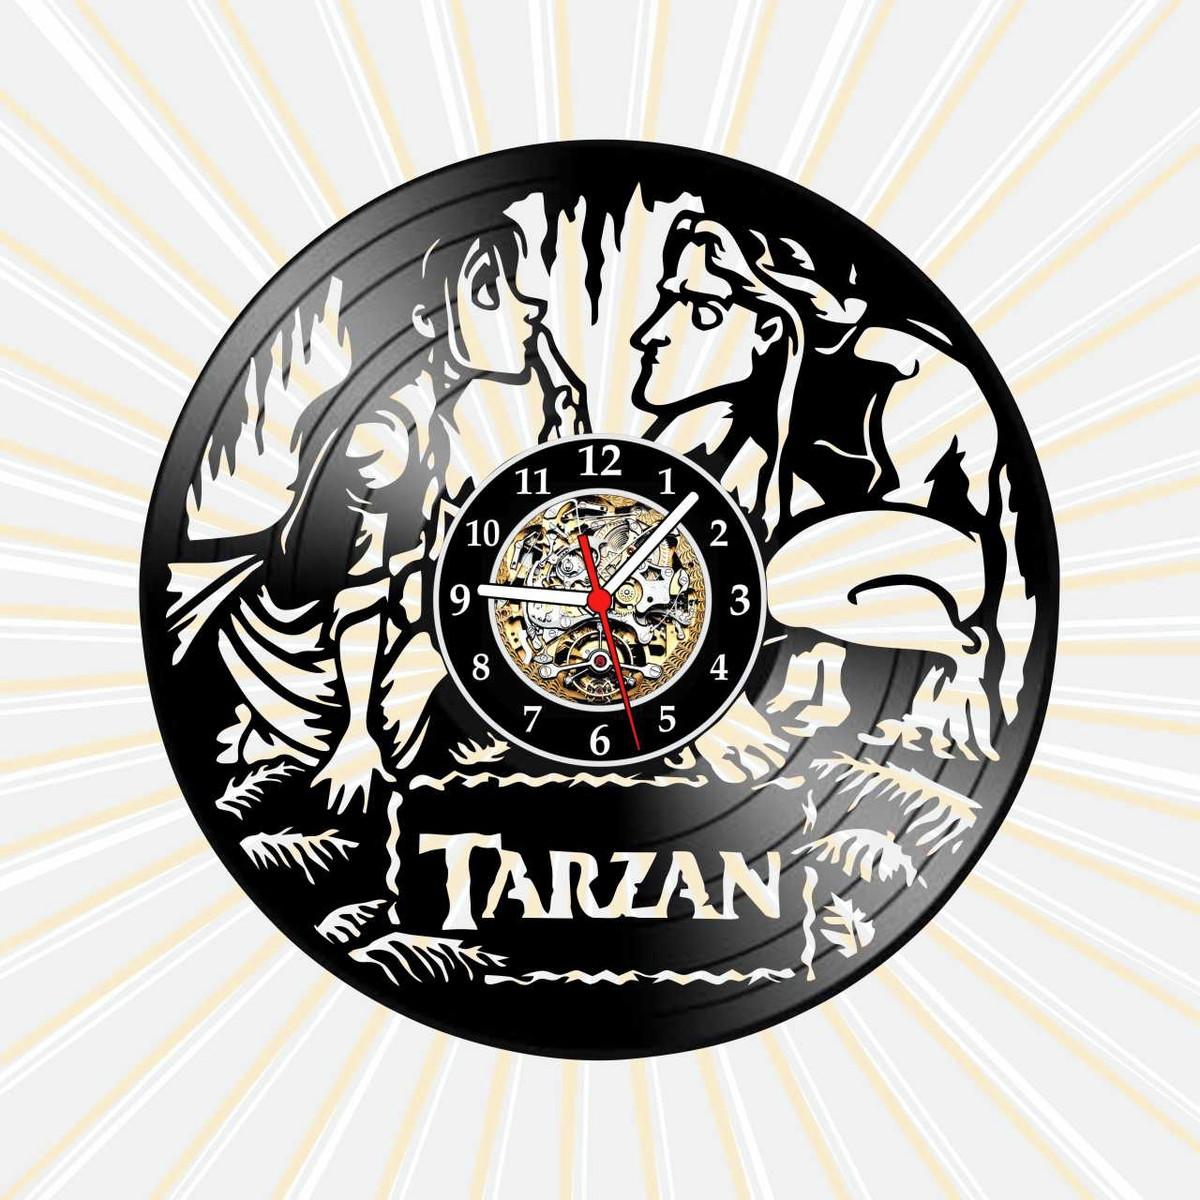 Relogio Tarzan Jane Desenho Filme Serie Tv Nerd Vinil Lp No Elo7